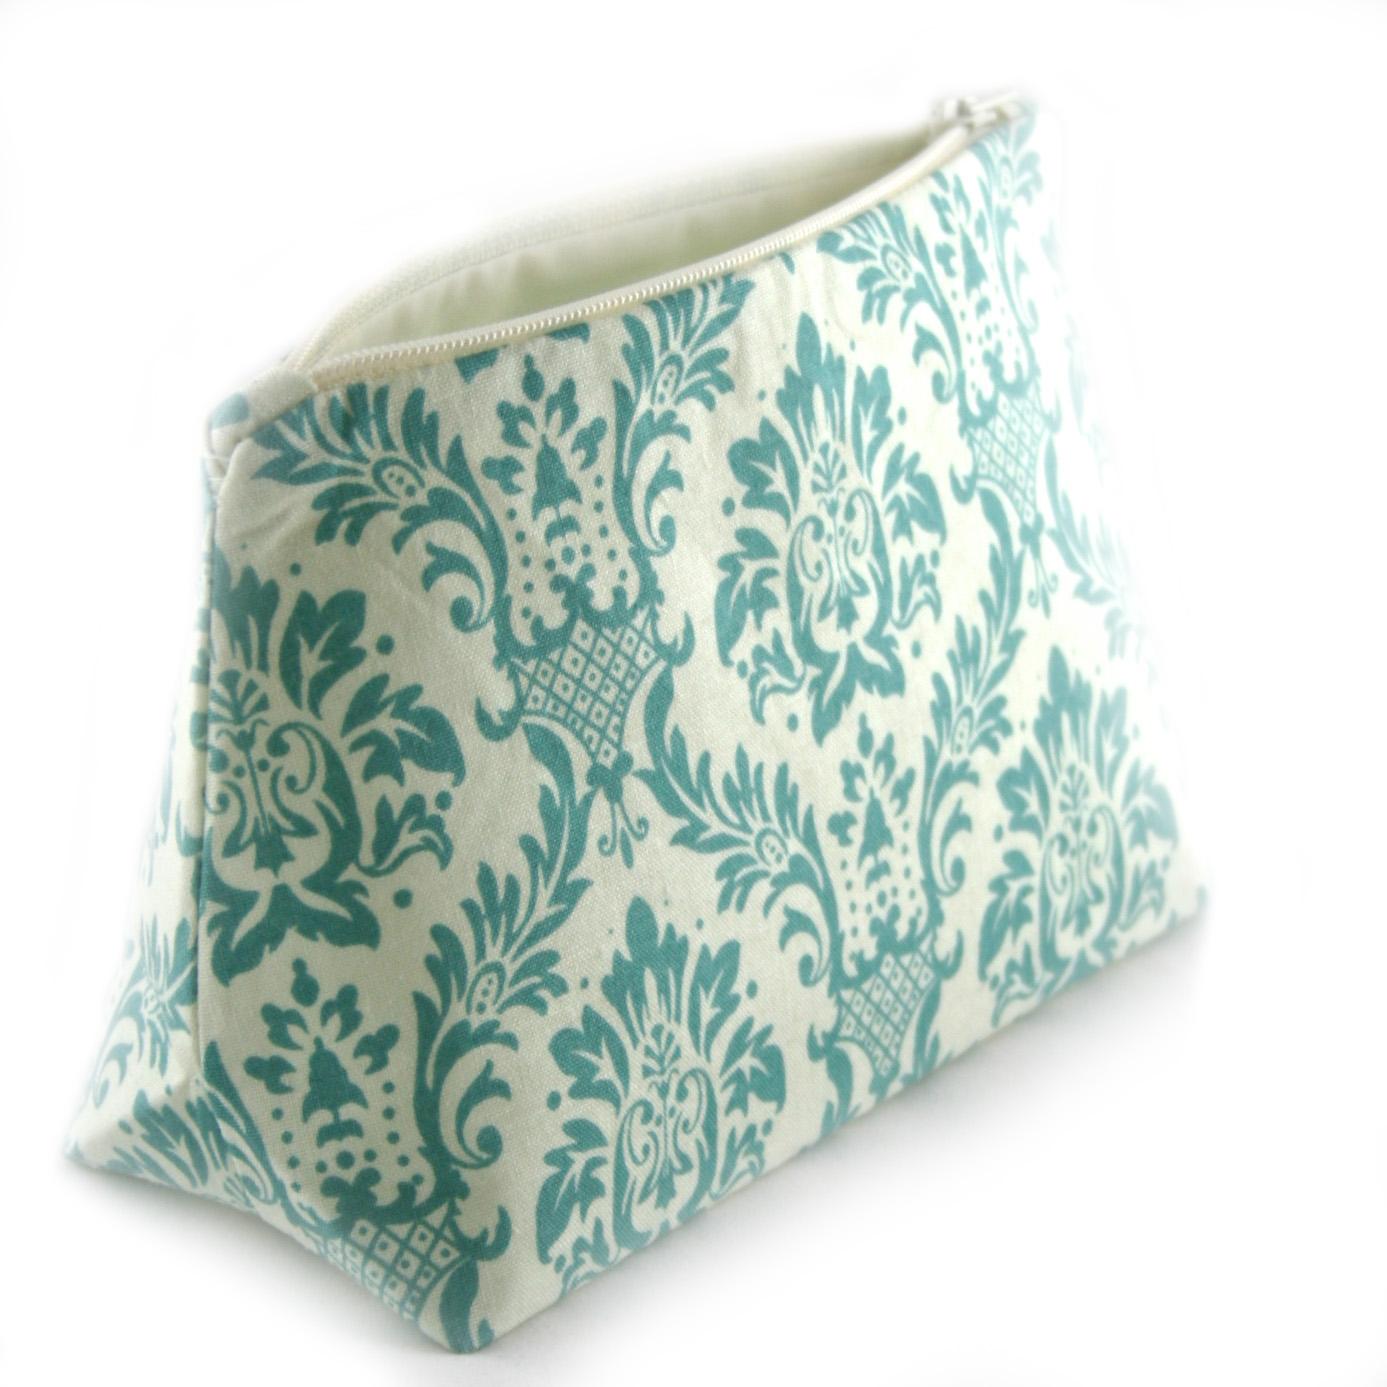 Aqua Floral Damask Cosmetic Bag by Le Pique Nique.jpg